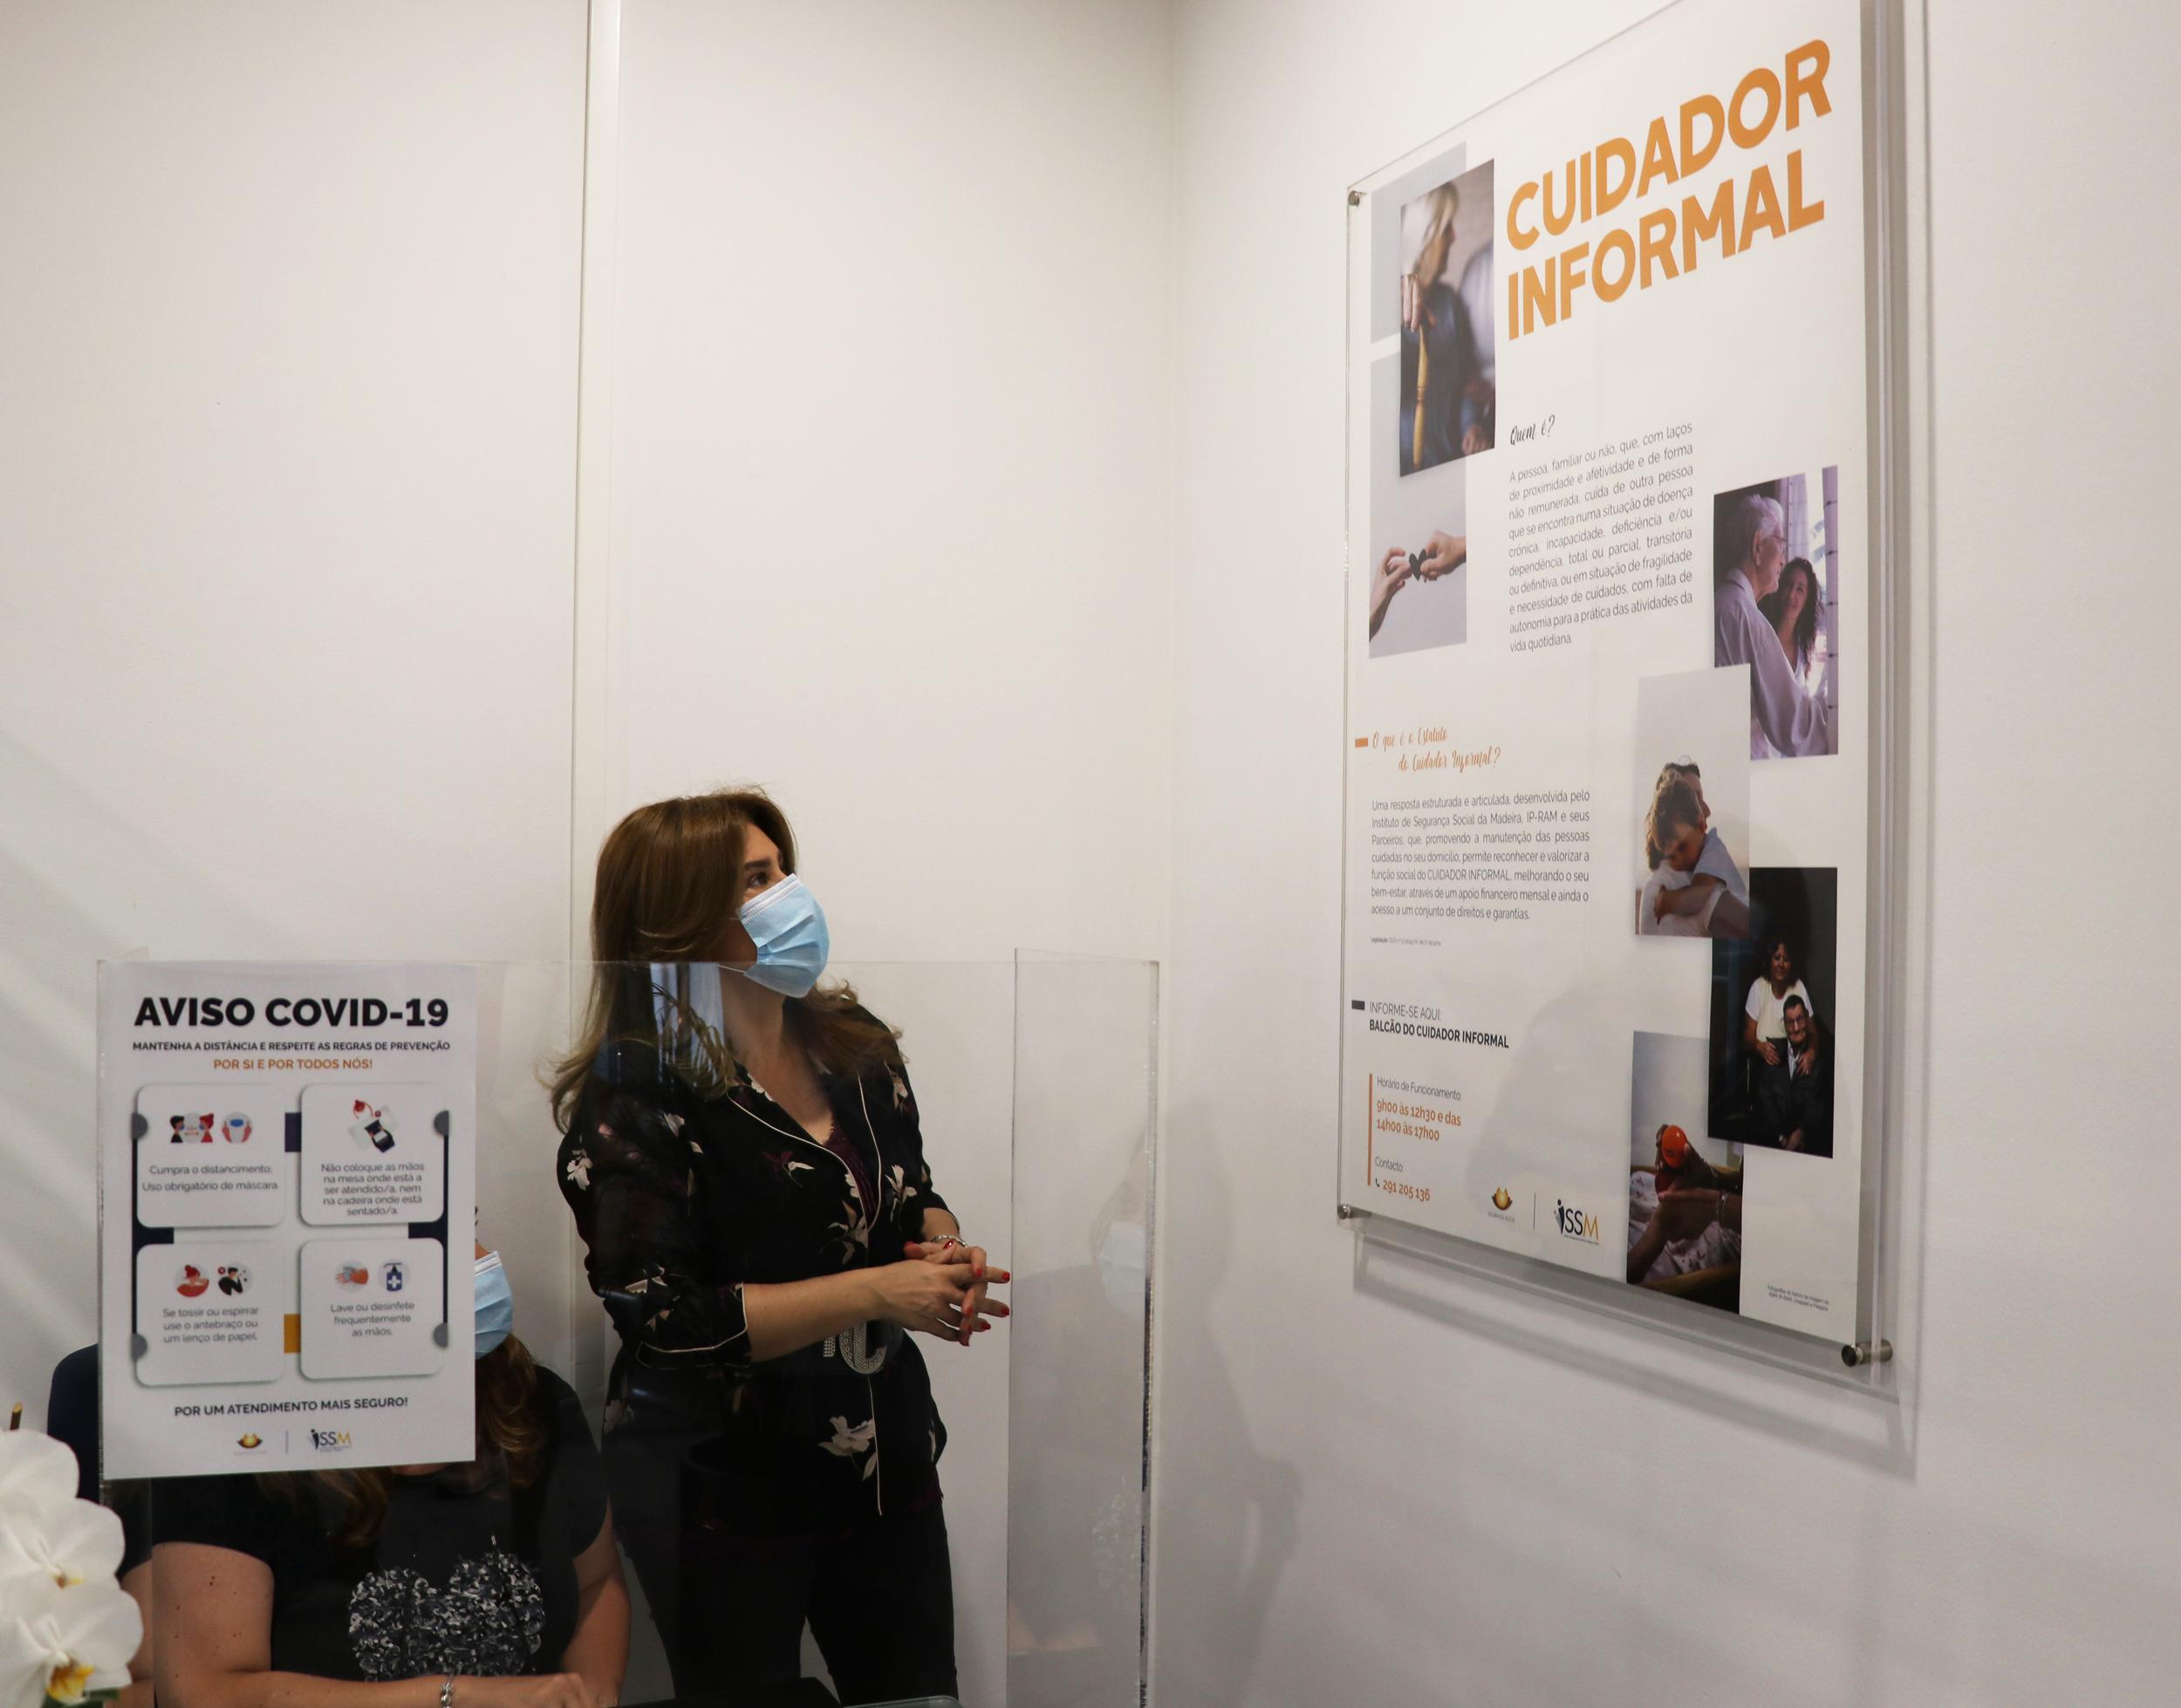 Augusta Aguiar inaugura Balcão do Cuidador Informal